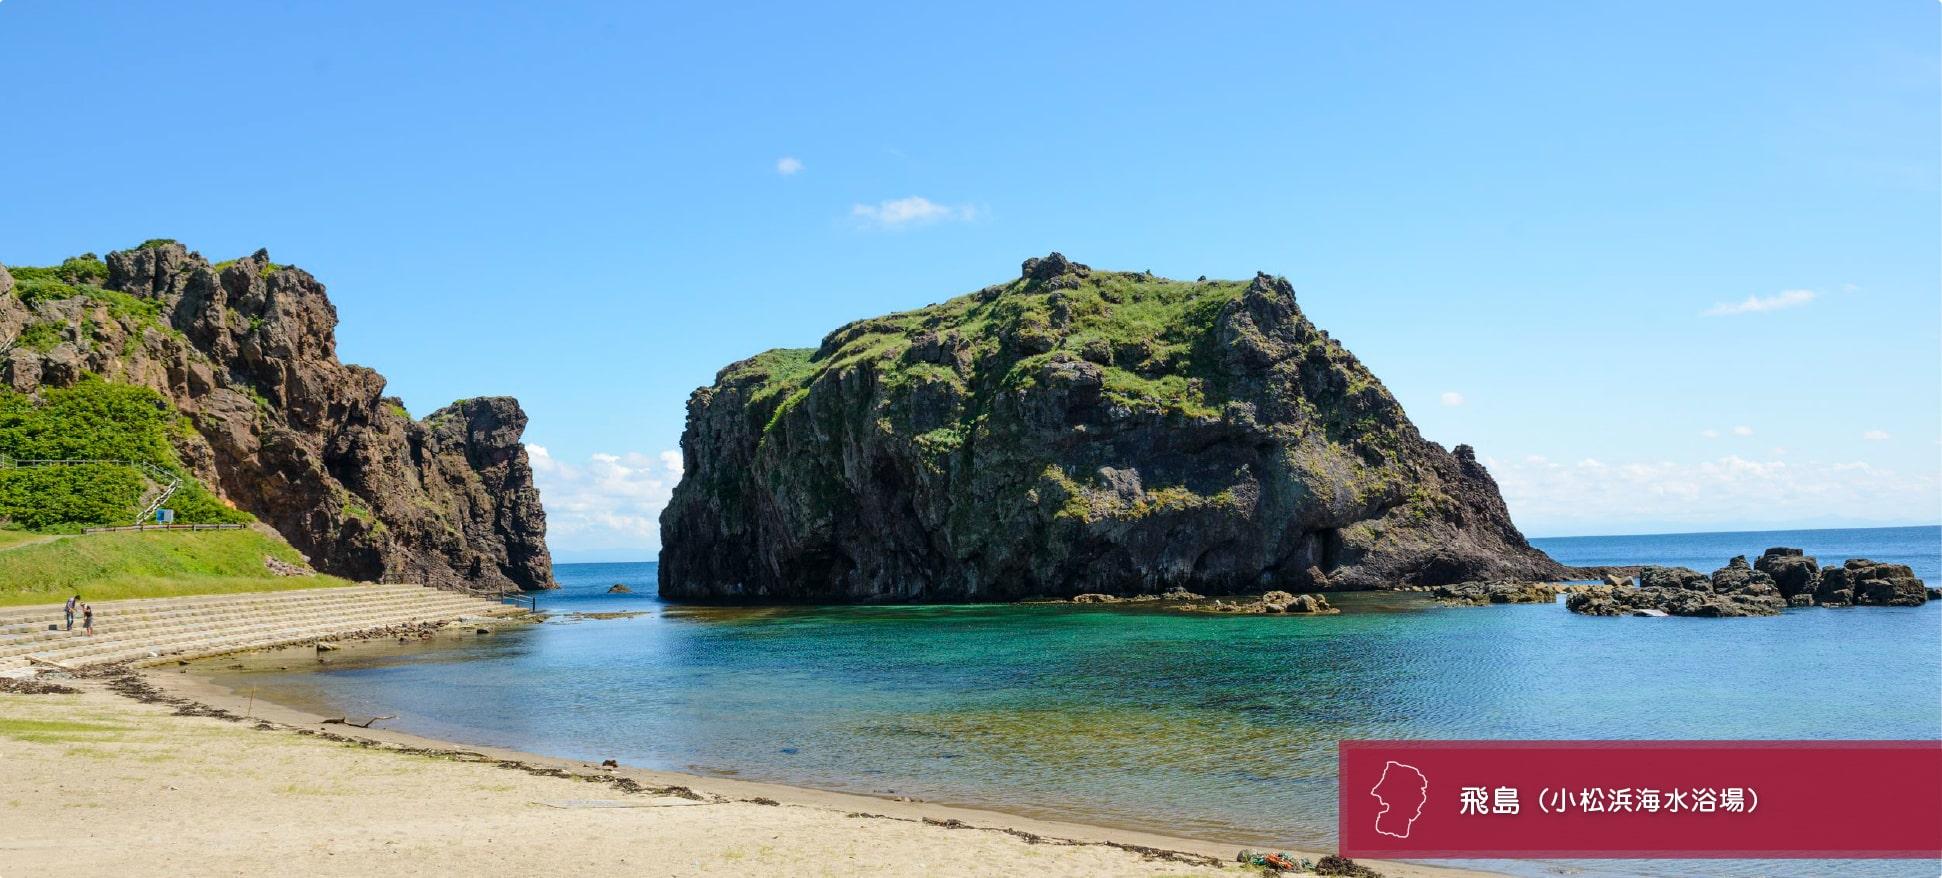 飛島(小松浜海水浴場)